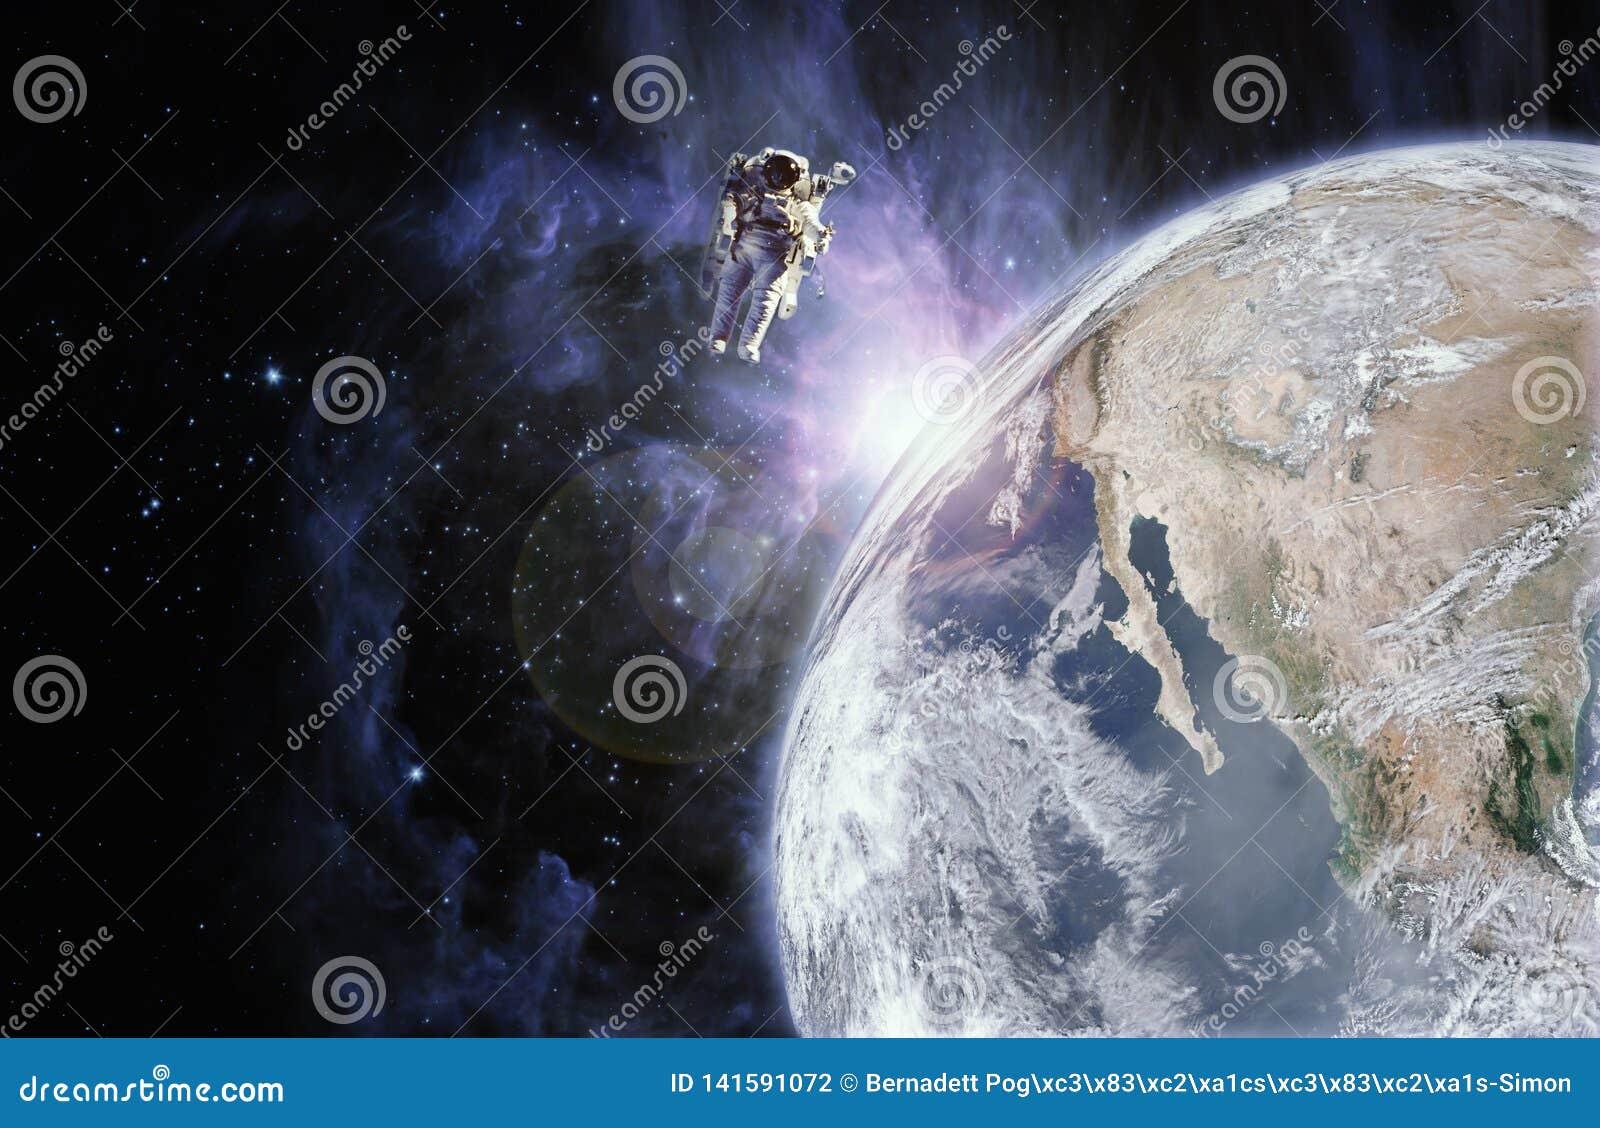 Flutuador do astronauta no espaço na ausência de peso próximo à terra do planeta